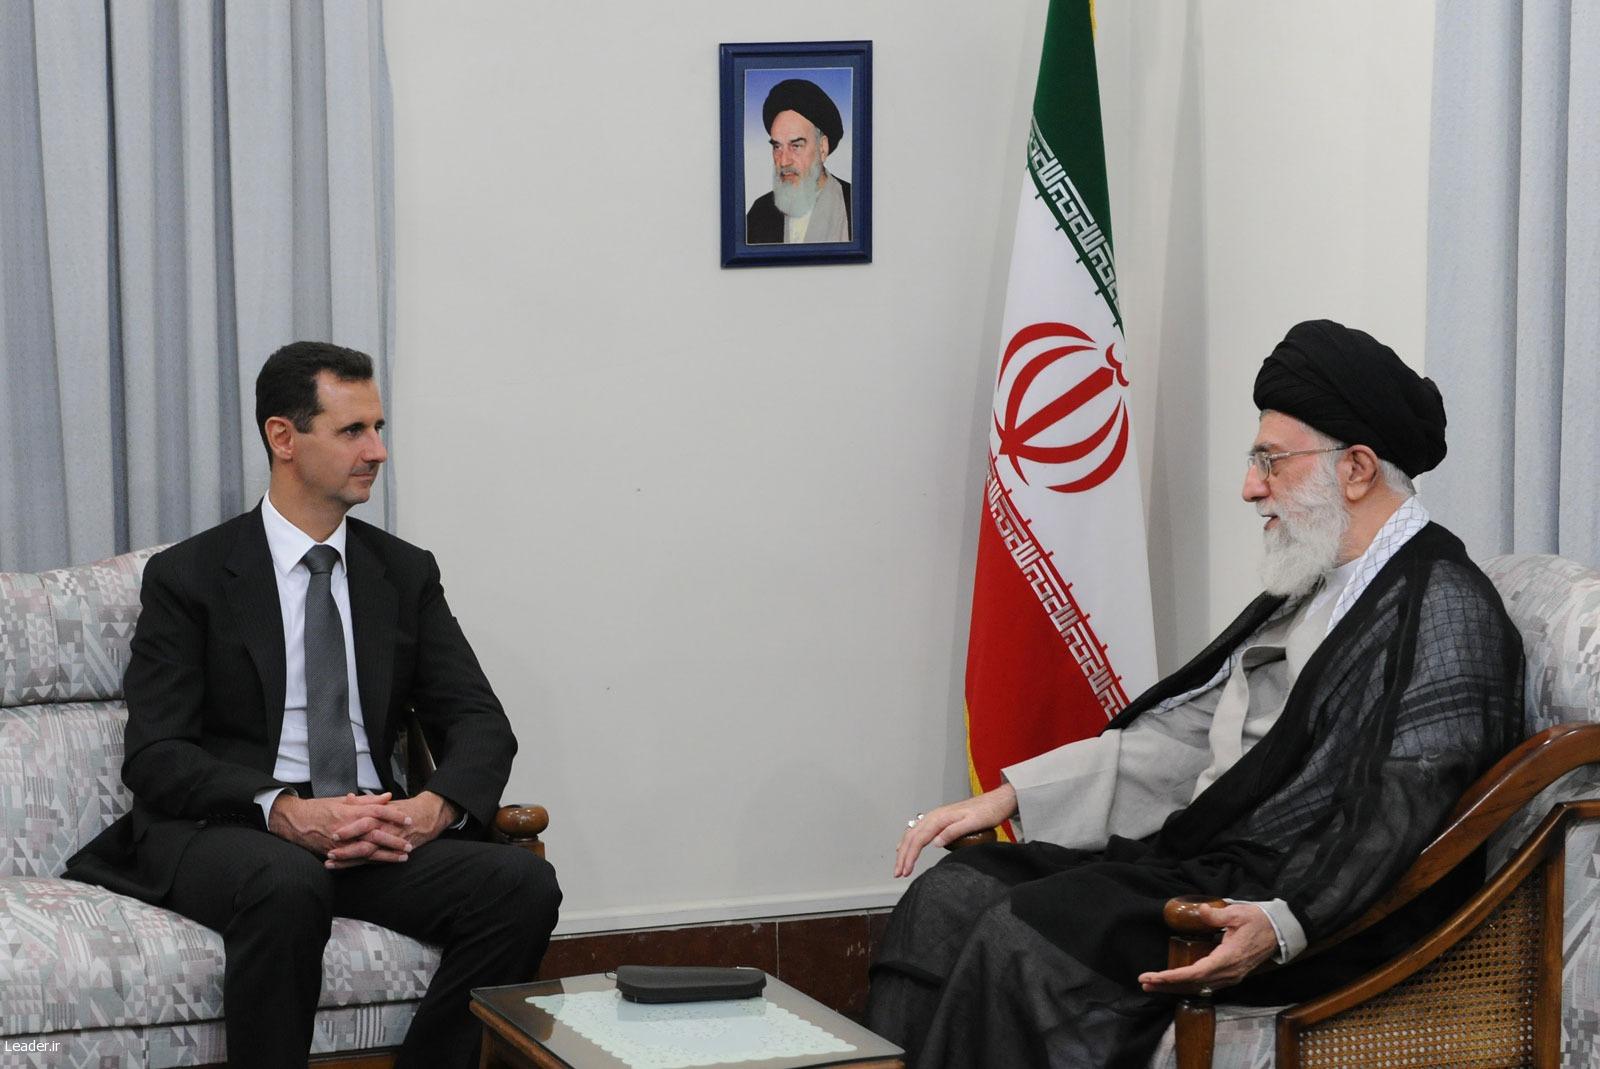 ترس و وحشت رژیم ایران از تصمیم نظامی آمریکا علیه داعش در سوریه